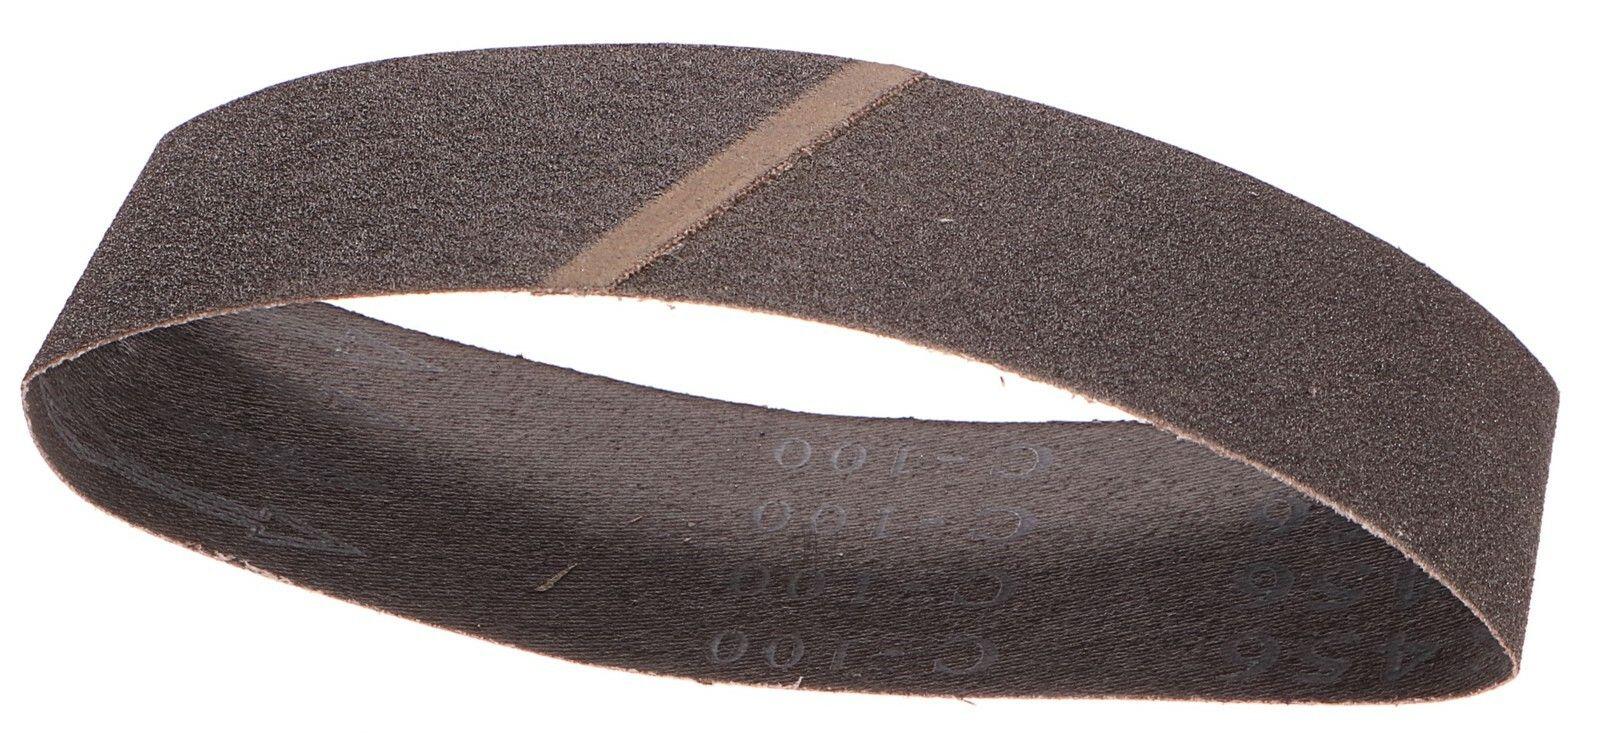 Plátno brusné nekonečný pás, 75x457mm, P100 GEKO